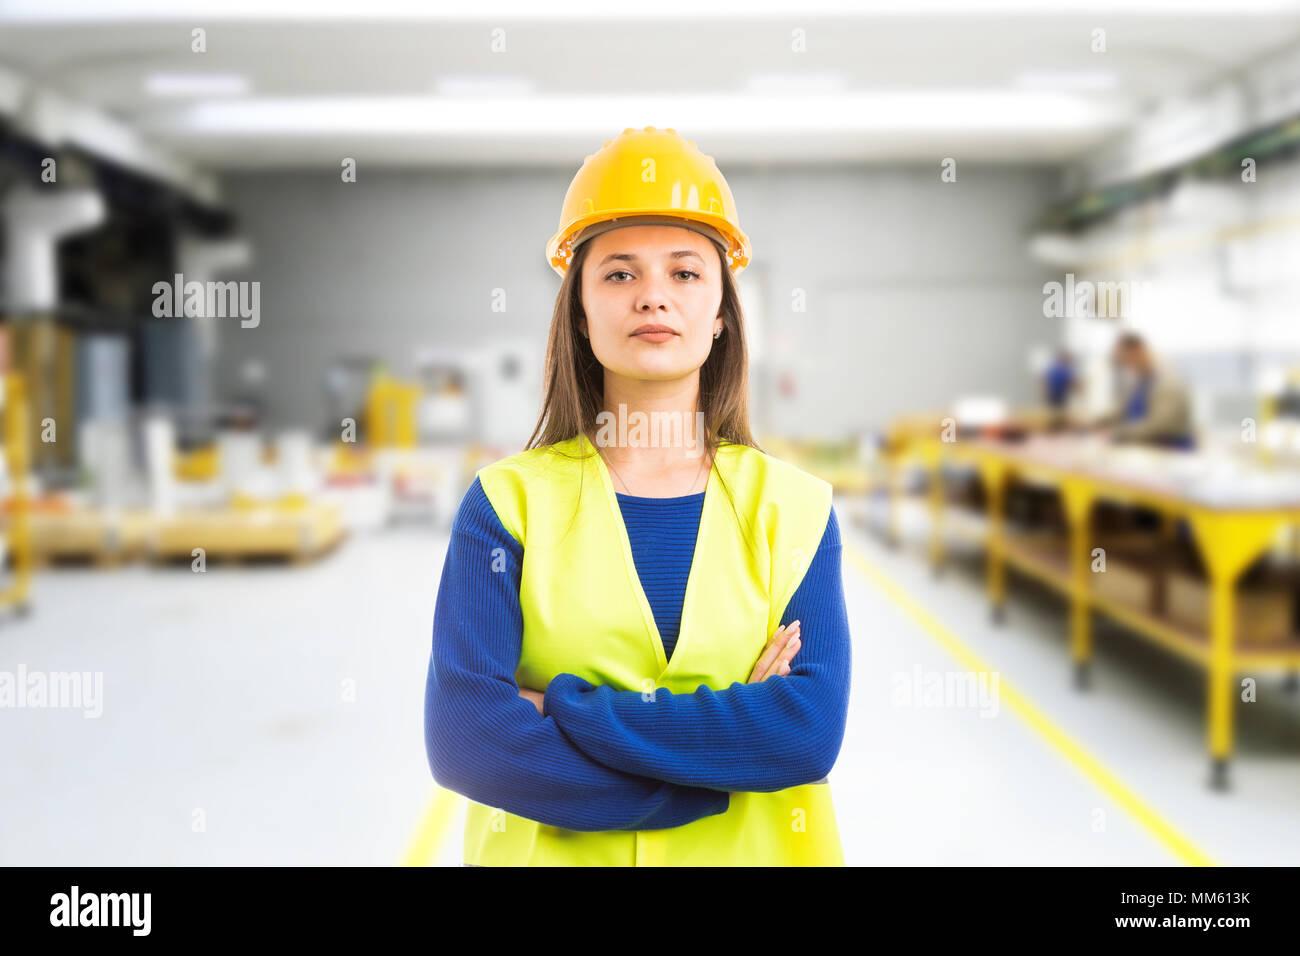 Orgoglioso fiducioso giovane donna ingegnere con le braccia incrociate come supervisore professionale concetto sulla coperta di sfondo in fabbrica Immagini Stock